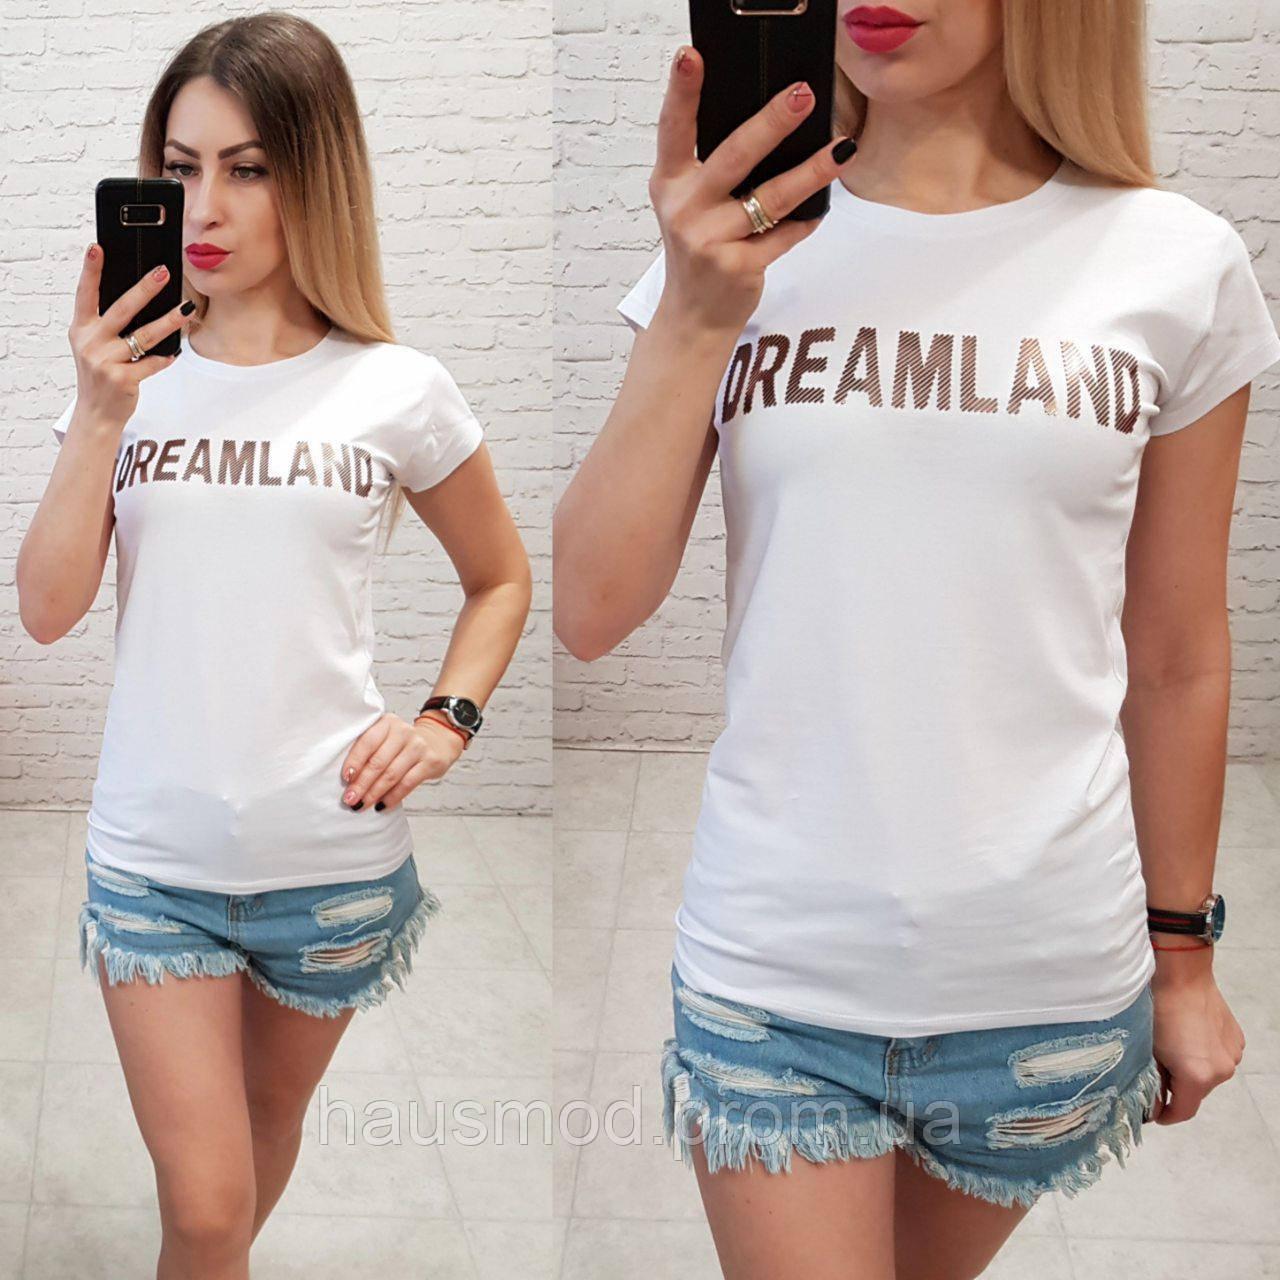 Футболка женская летняя надпись Dreamland качество турция цвет белый